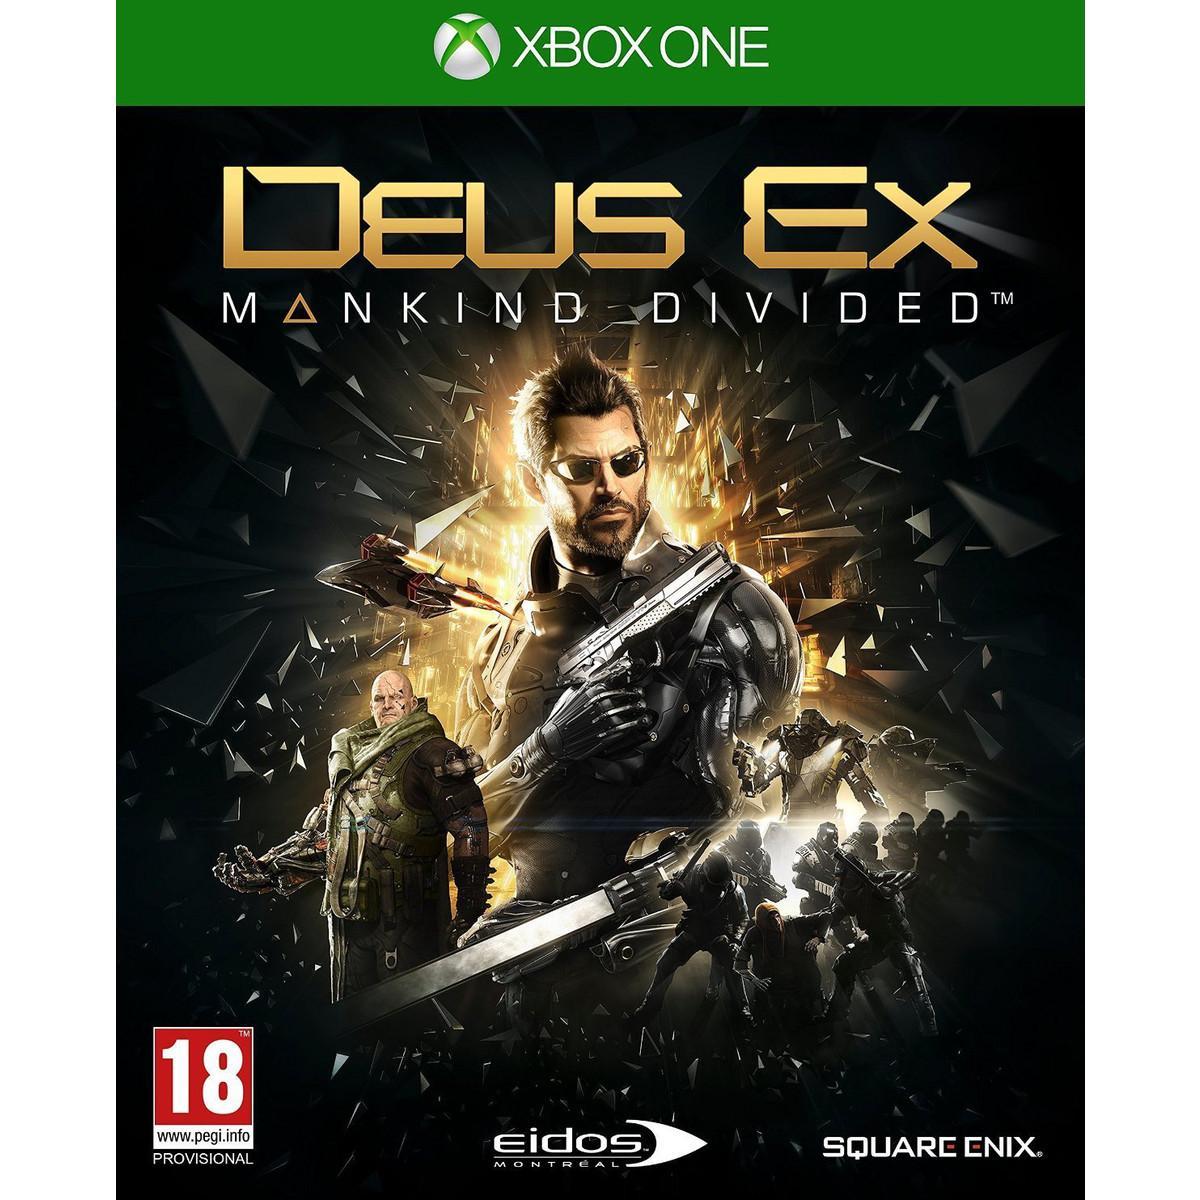 [Adhérents] Jusqu'à 20€ offerts sur la carte sur les précommandes - Ex : Deus Ex Mankind Divided Day One Edition sur Xbox One (+ 20€ sur la carte)